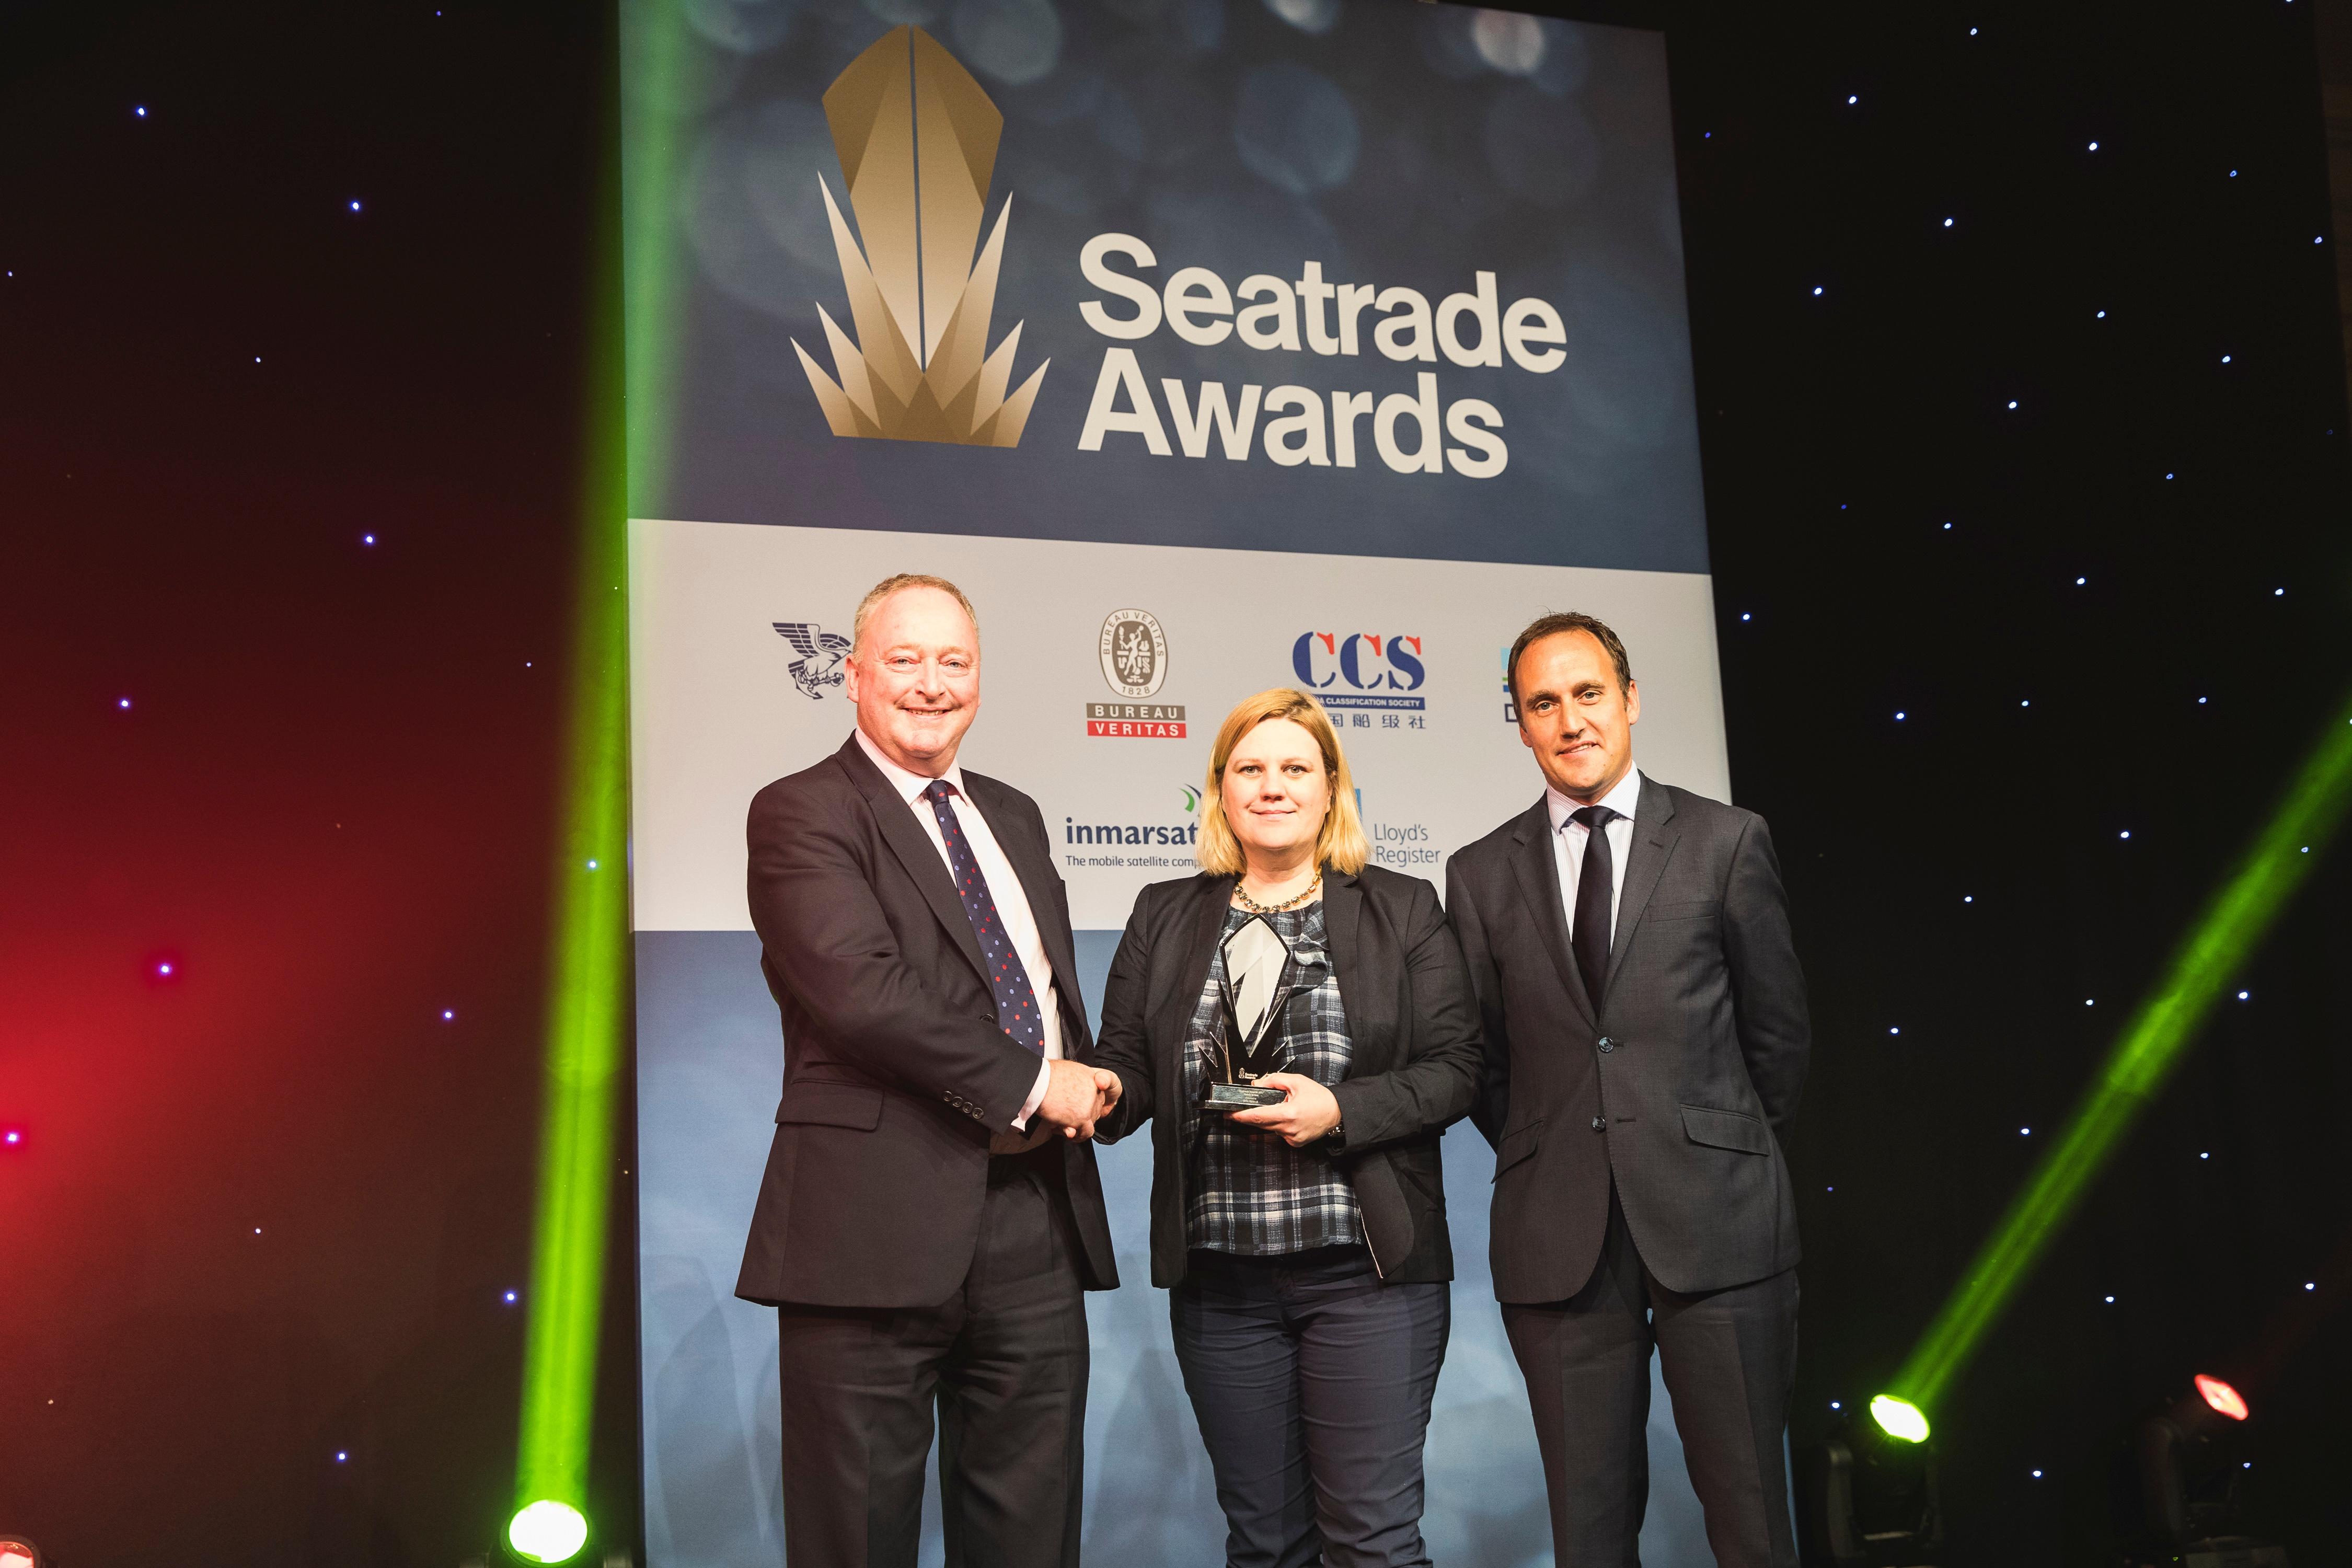 Read Seatrade Awards 2017